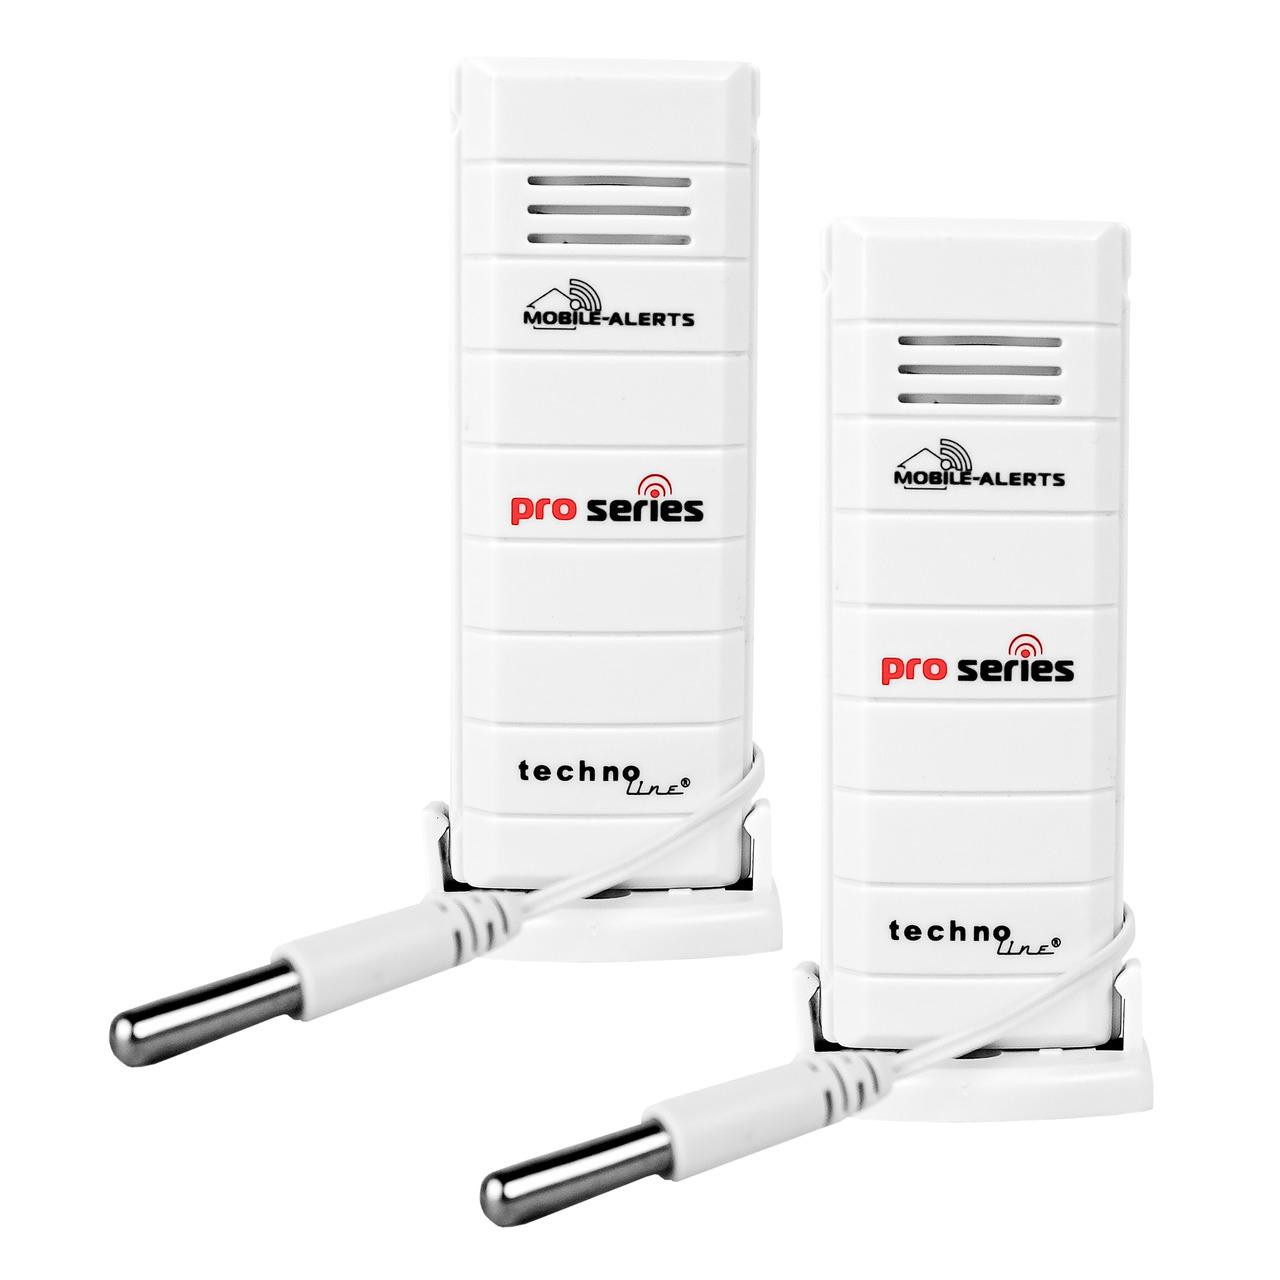 ELV Mobile Alerts Temperatursensor MA10120PRO- mit zusund-228 tzlichem Kabelsensor- 2er Set